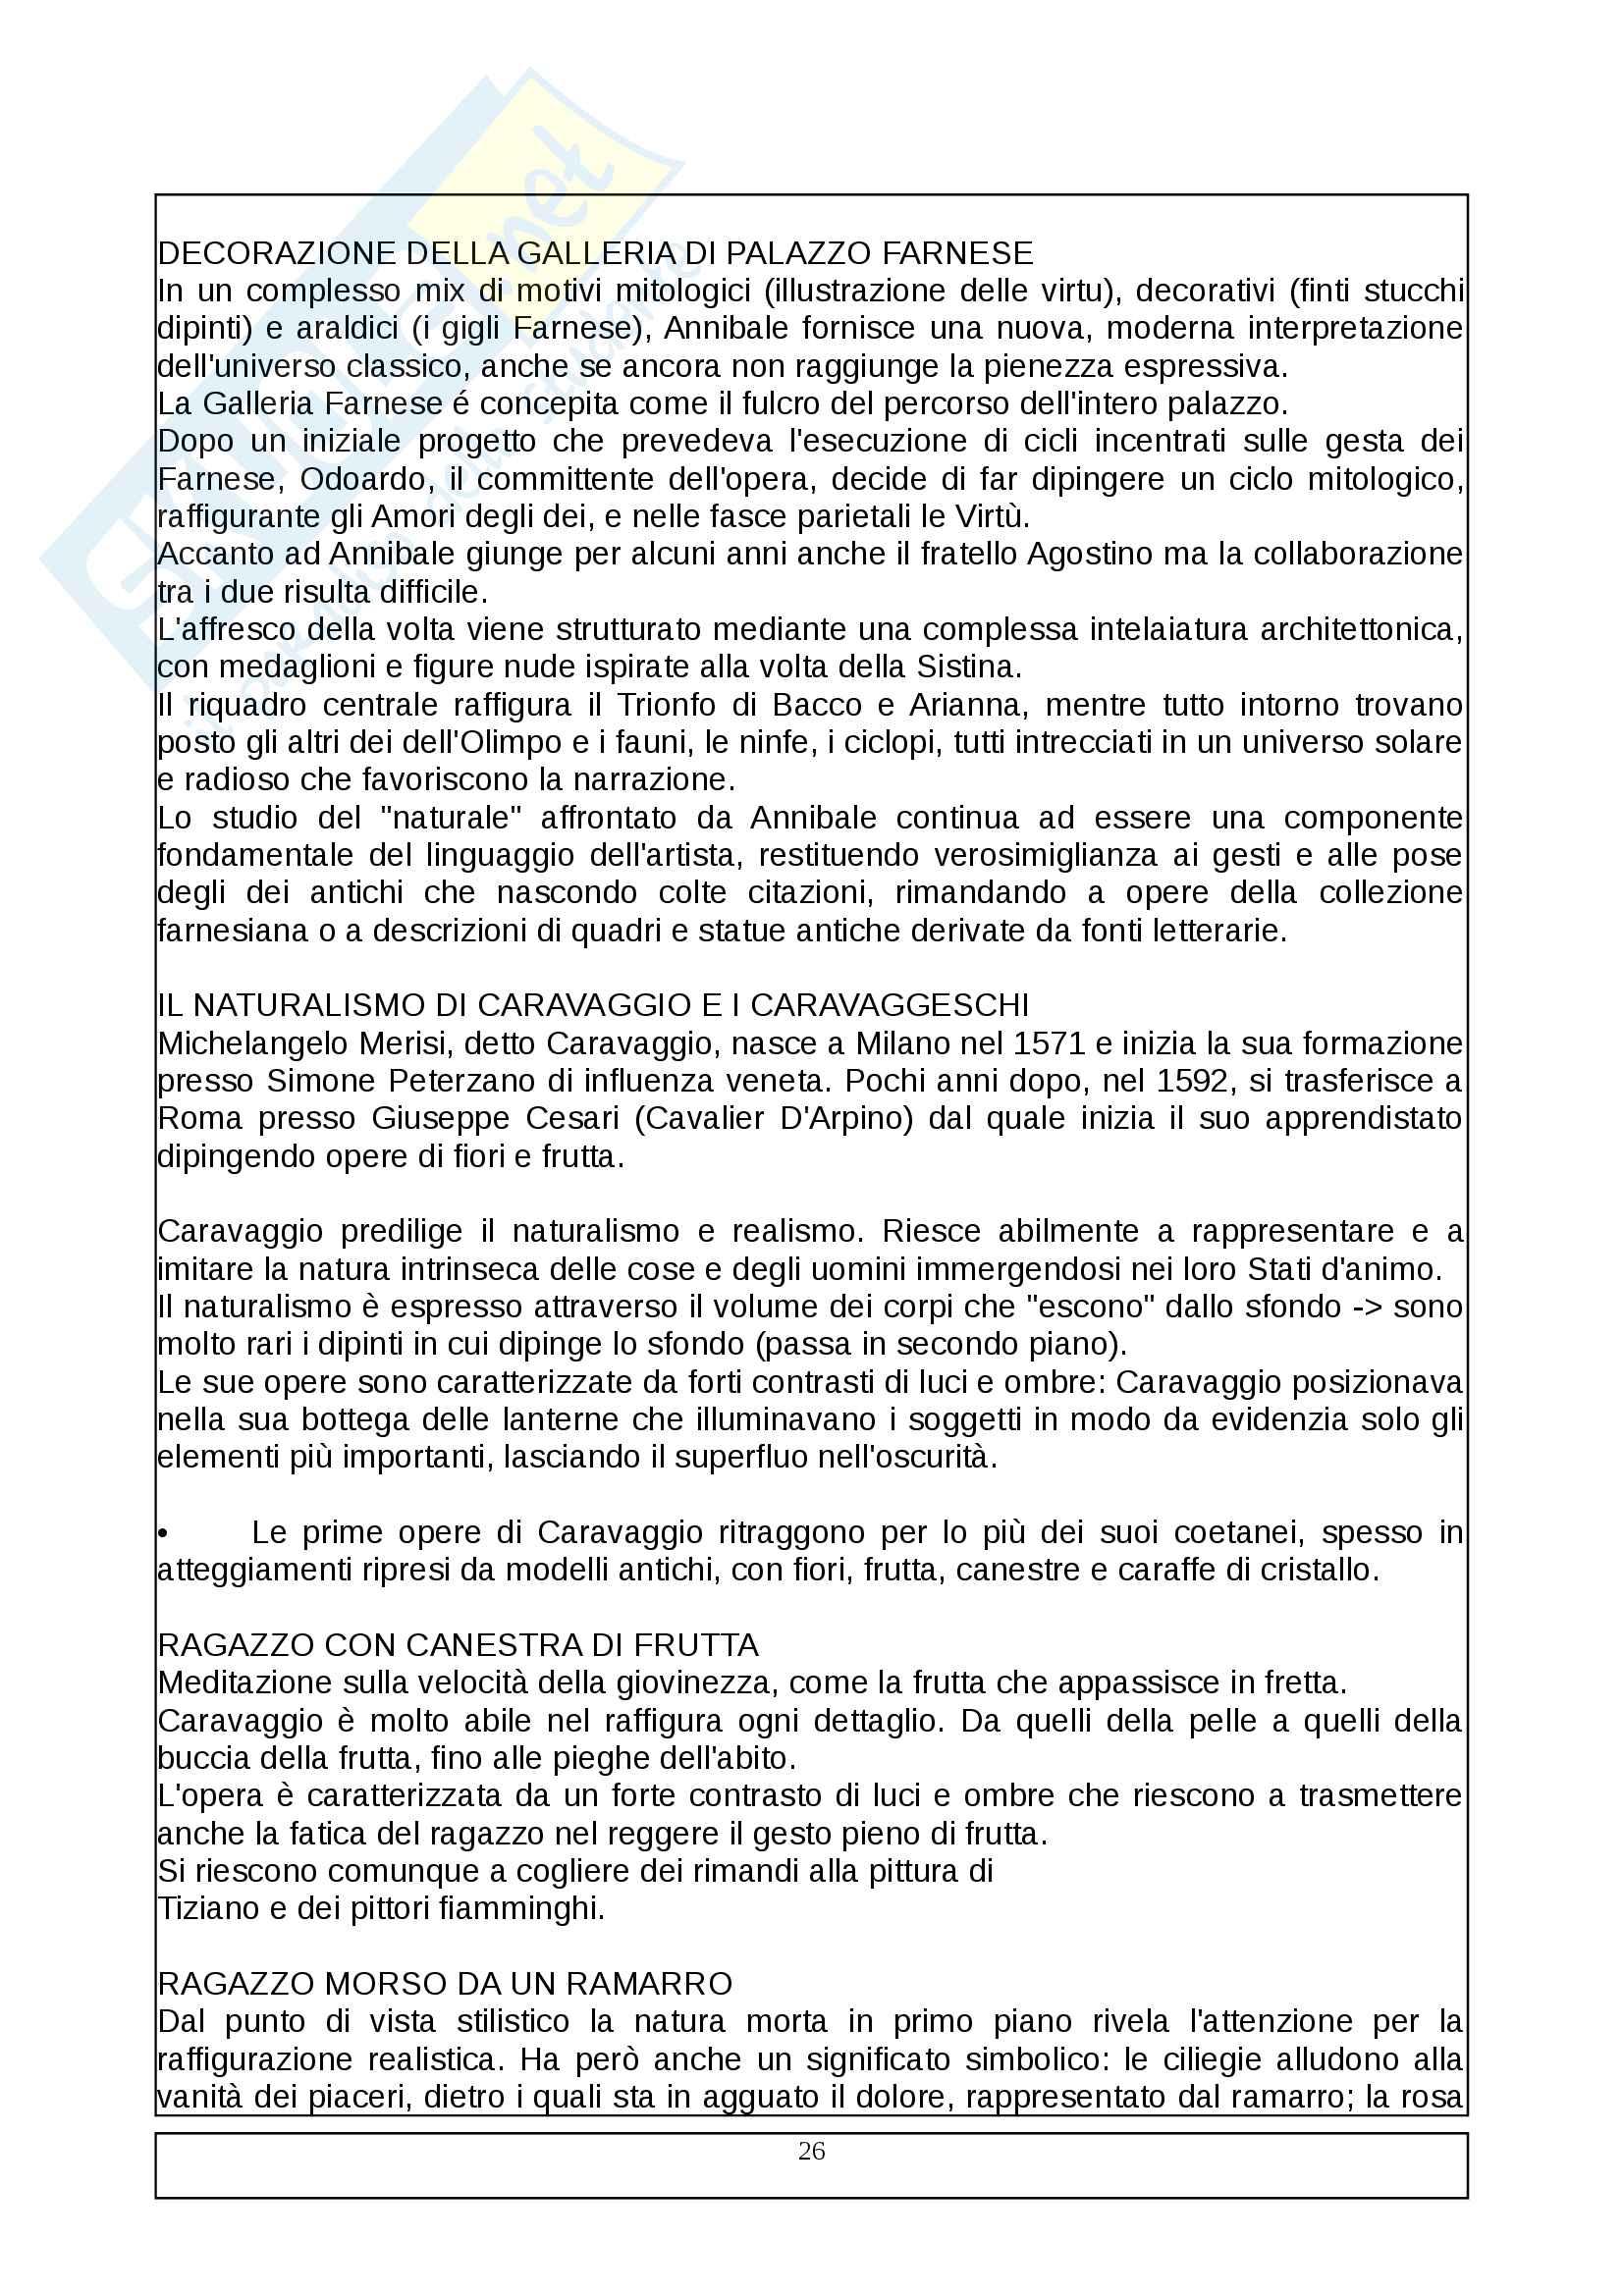 2^ Parte esame Storia dell'arte - Dal Cinquecento in poi Pag. 26